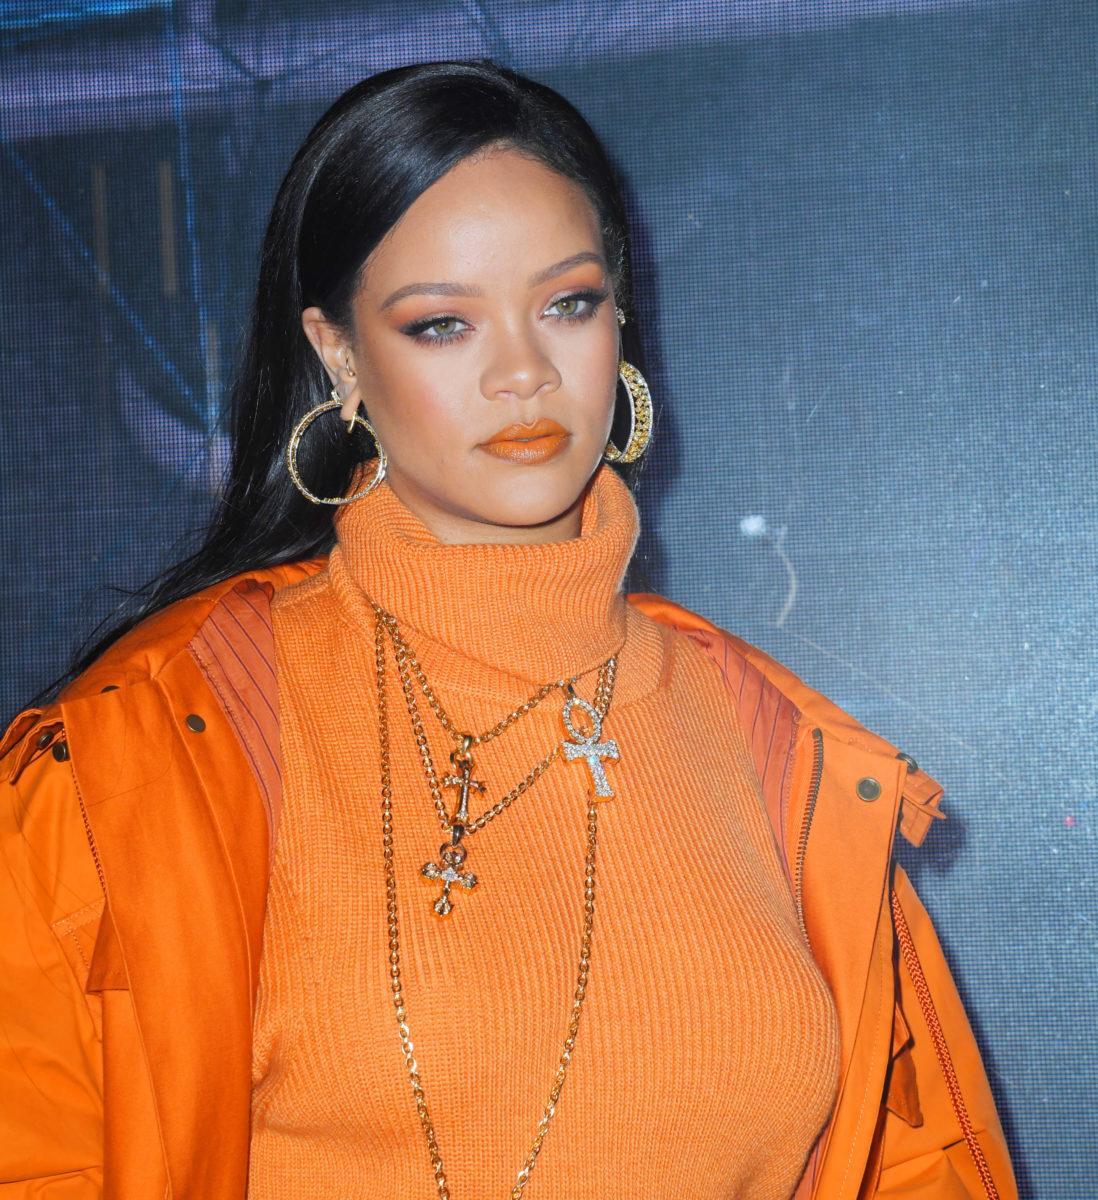 Στα Fenty Skin ανέβηκε μόλις το πρώτο post με την Rihanna! Να τι πρέπει να ξέρεις! | tlife.gr